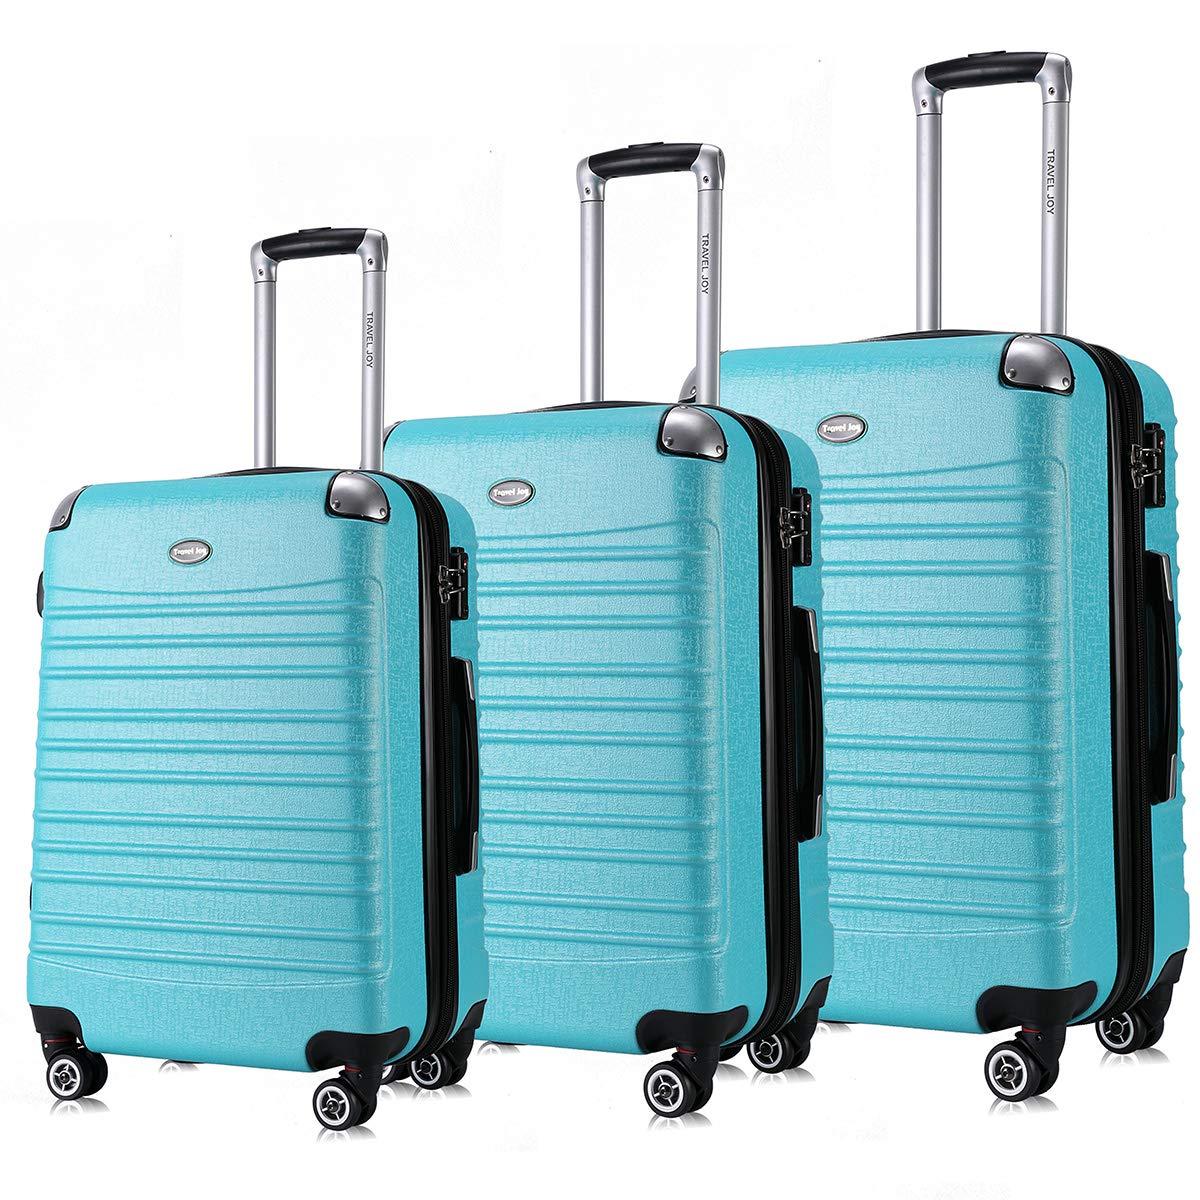 Expandable Luggage Set, TSA Lightweight Spinner Luggage Sets, Carry On Luggage 3 Piece Set (TURQUOISE, 3 pcs set(20''24''28''))